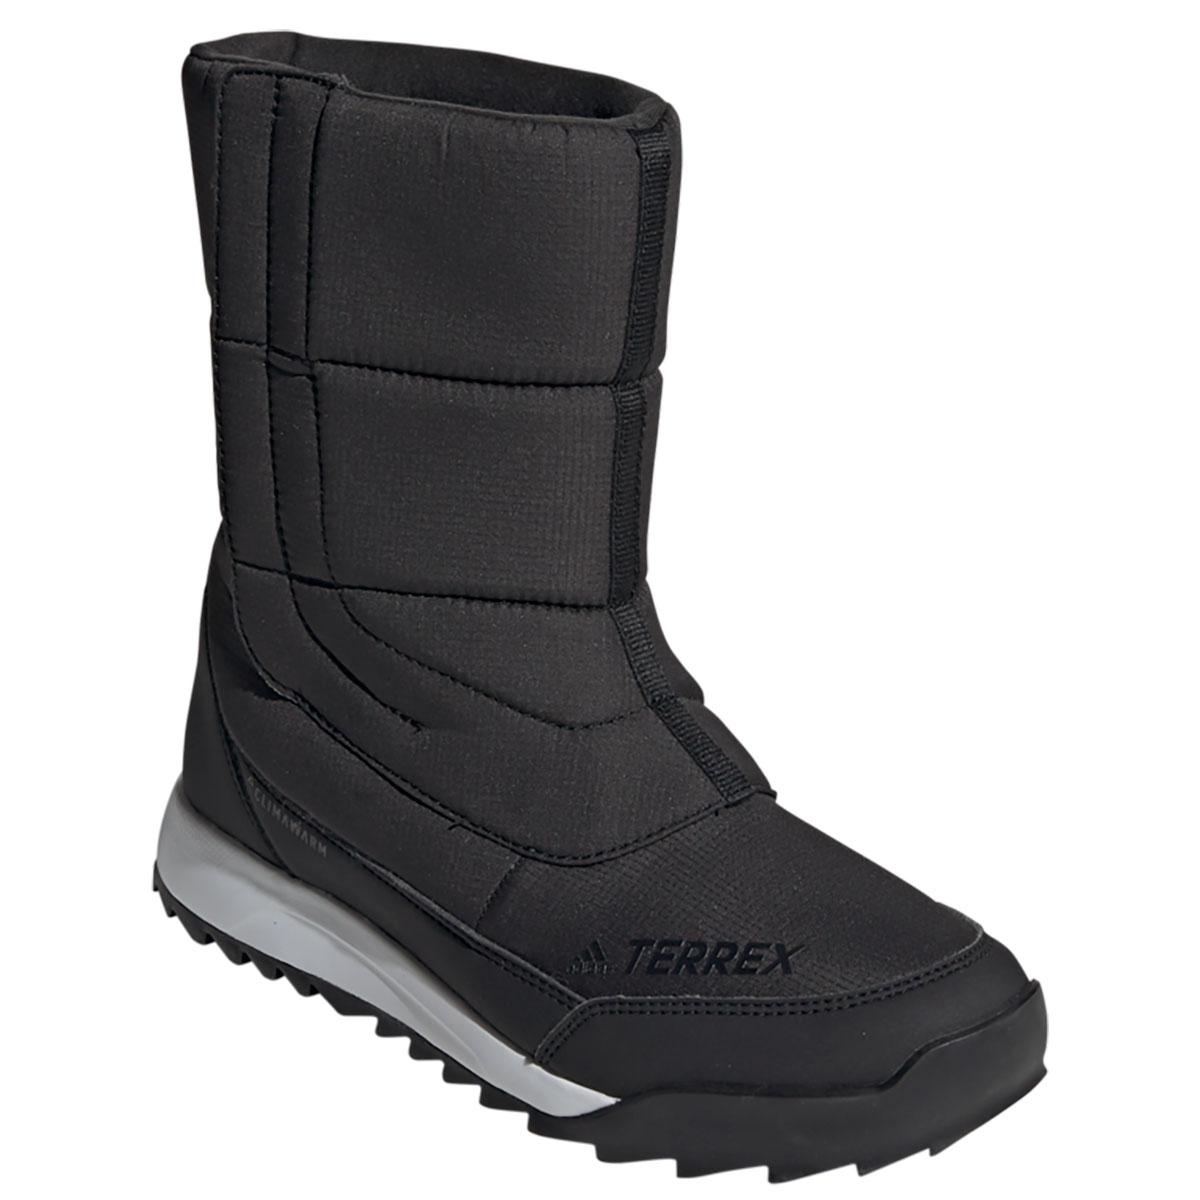 TERREX CHOLEAH ブーツ